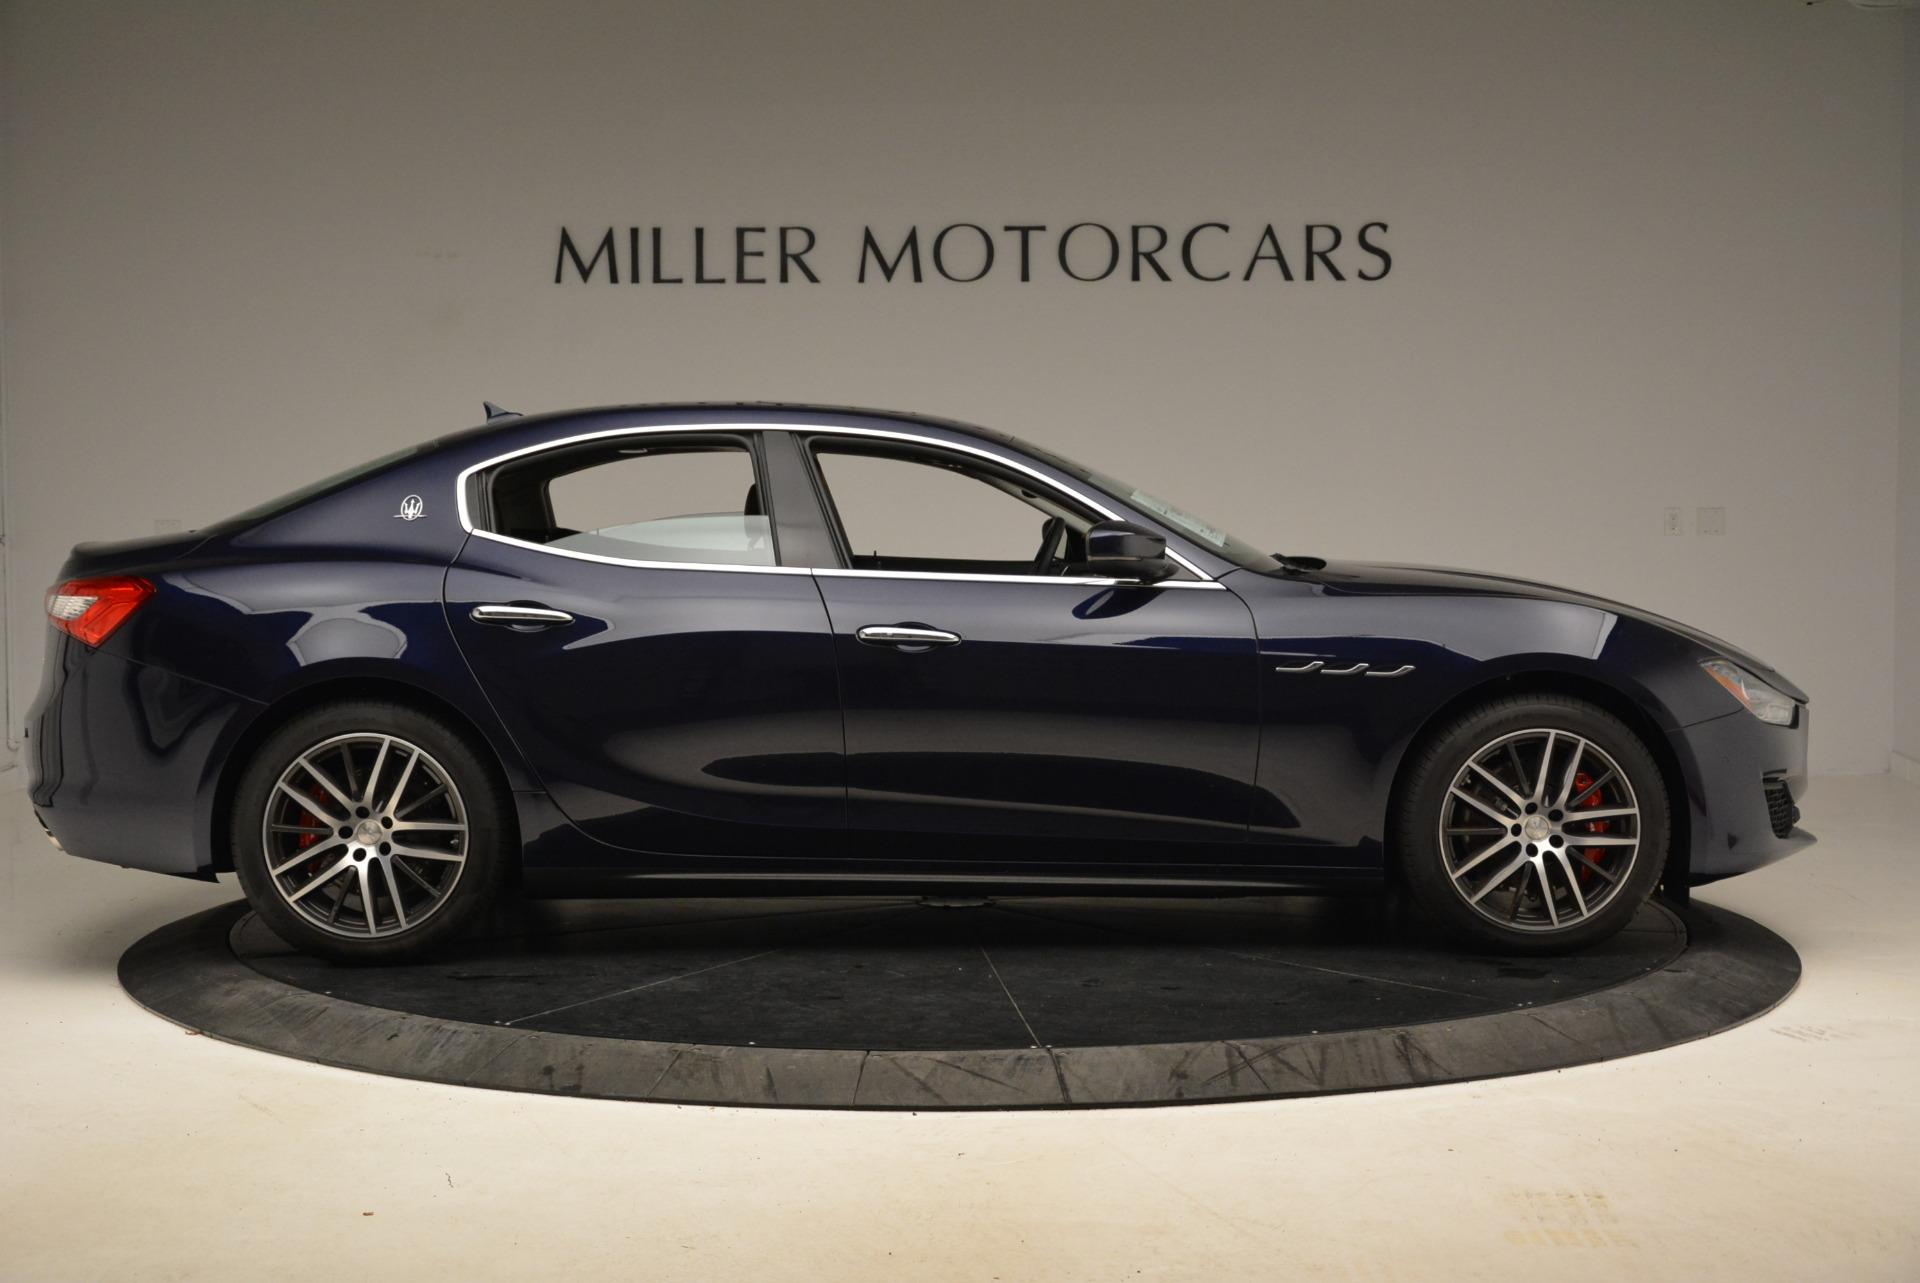 New 2019 Maserati Ghibli S Q4 For Sale In Greenwich, CT 3035_p9